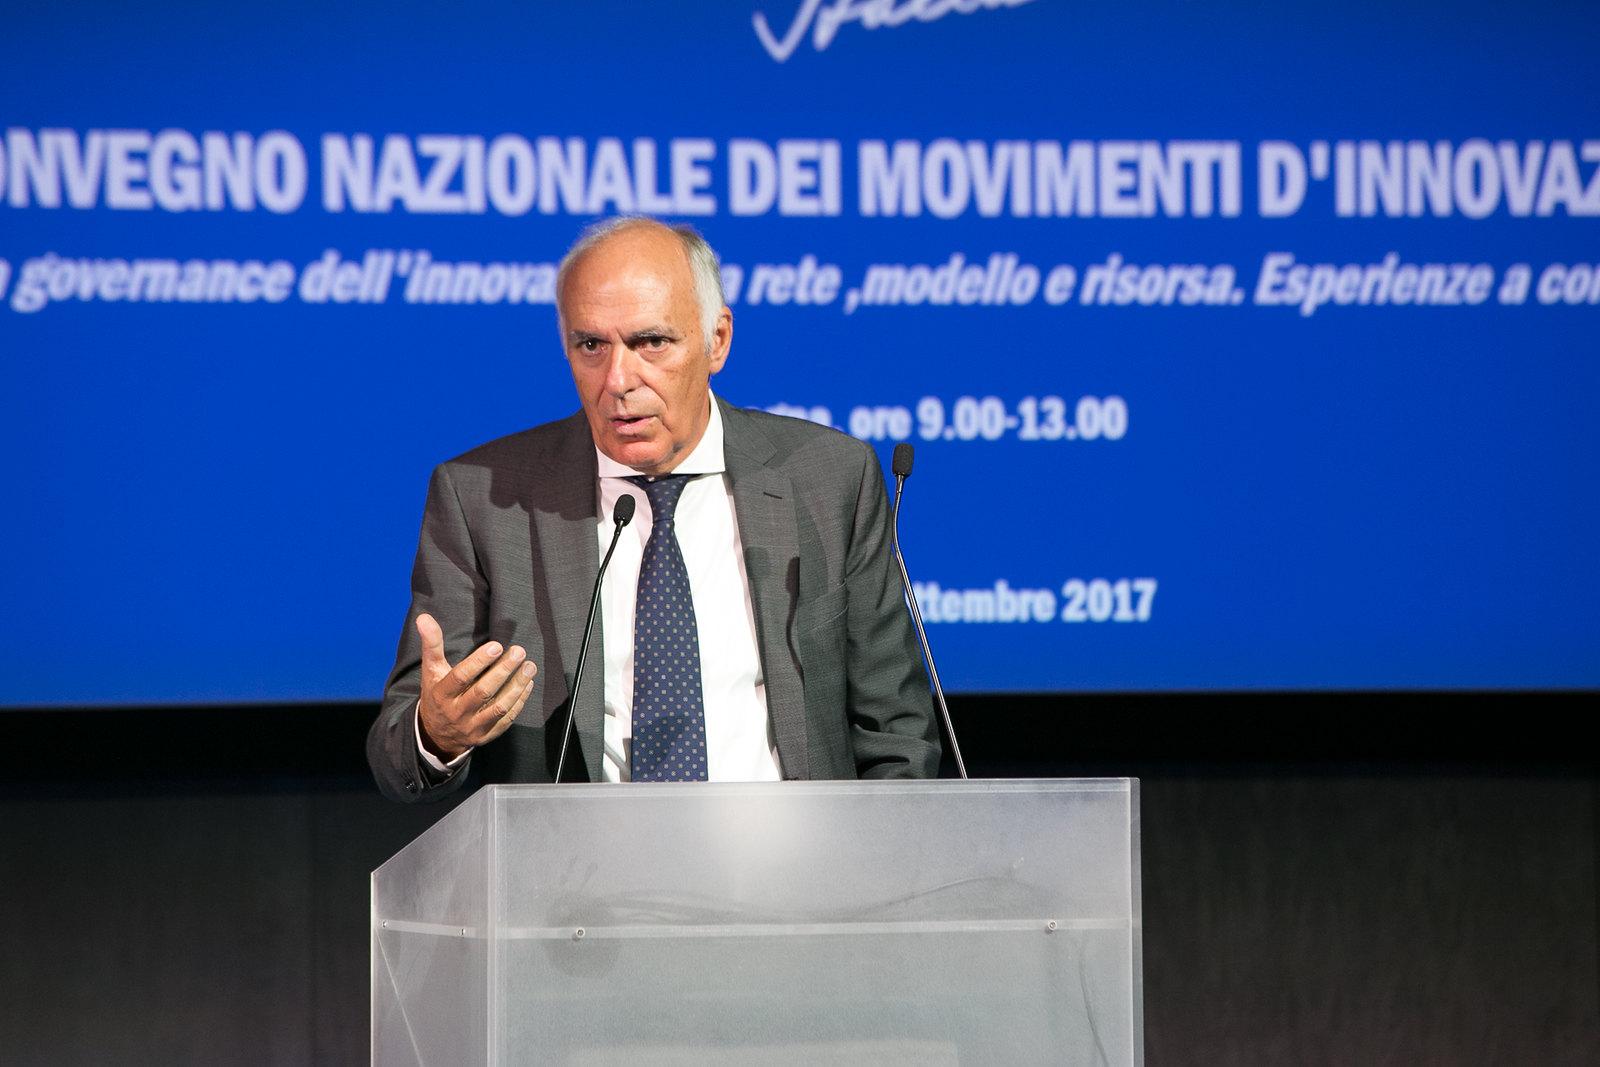 Convegno nazionale dei movimenti di innovazione (Fiera Didacta Italia, 28/09/2017)